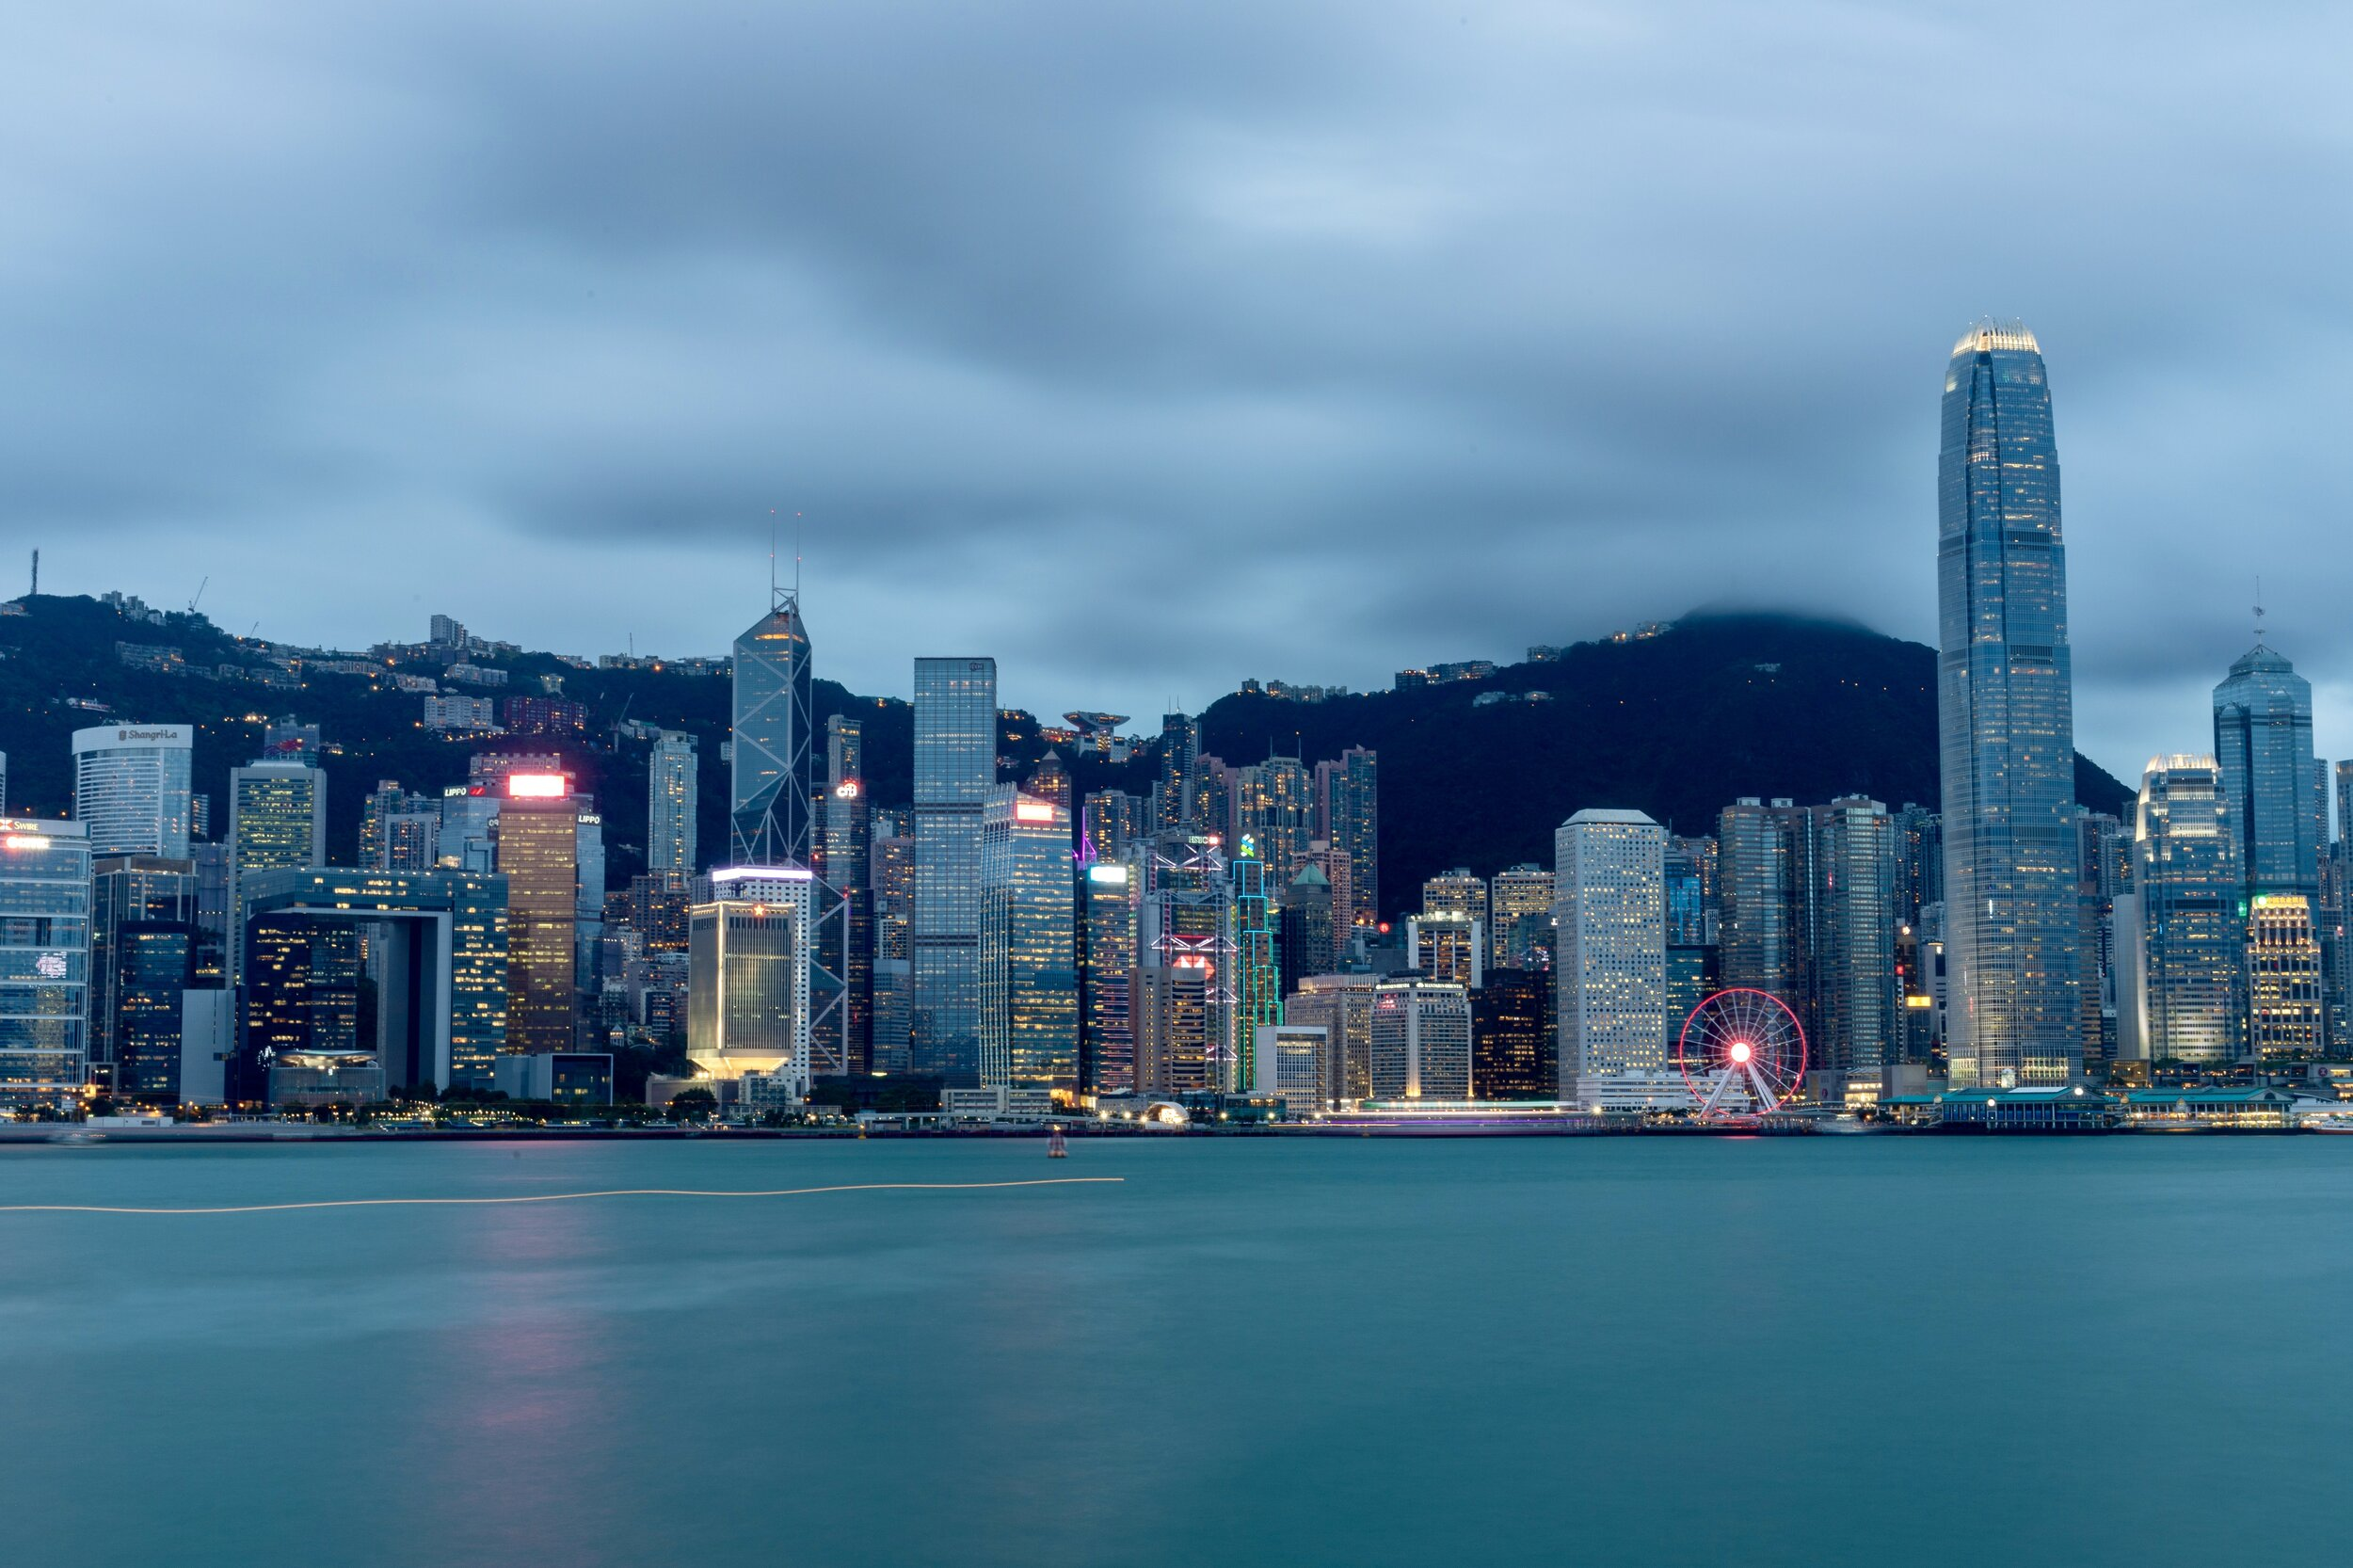 Hong Kong's City Skyline